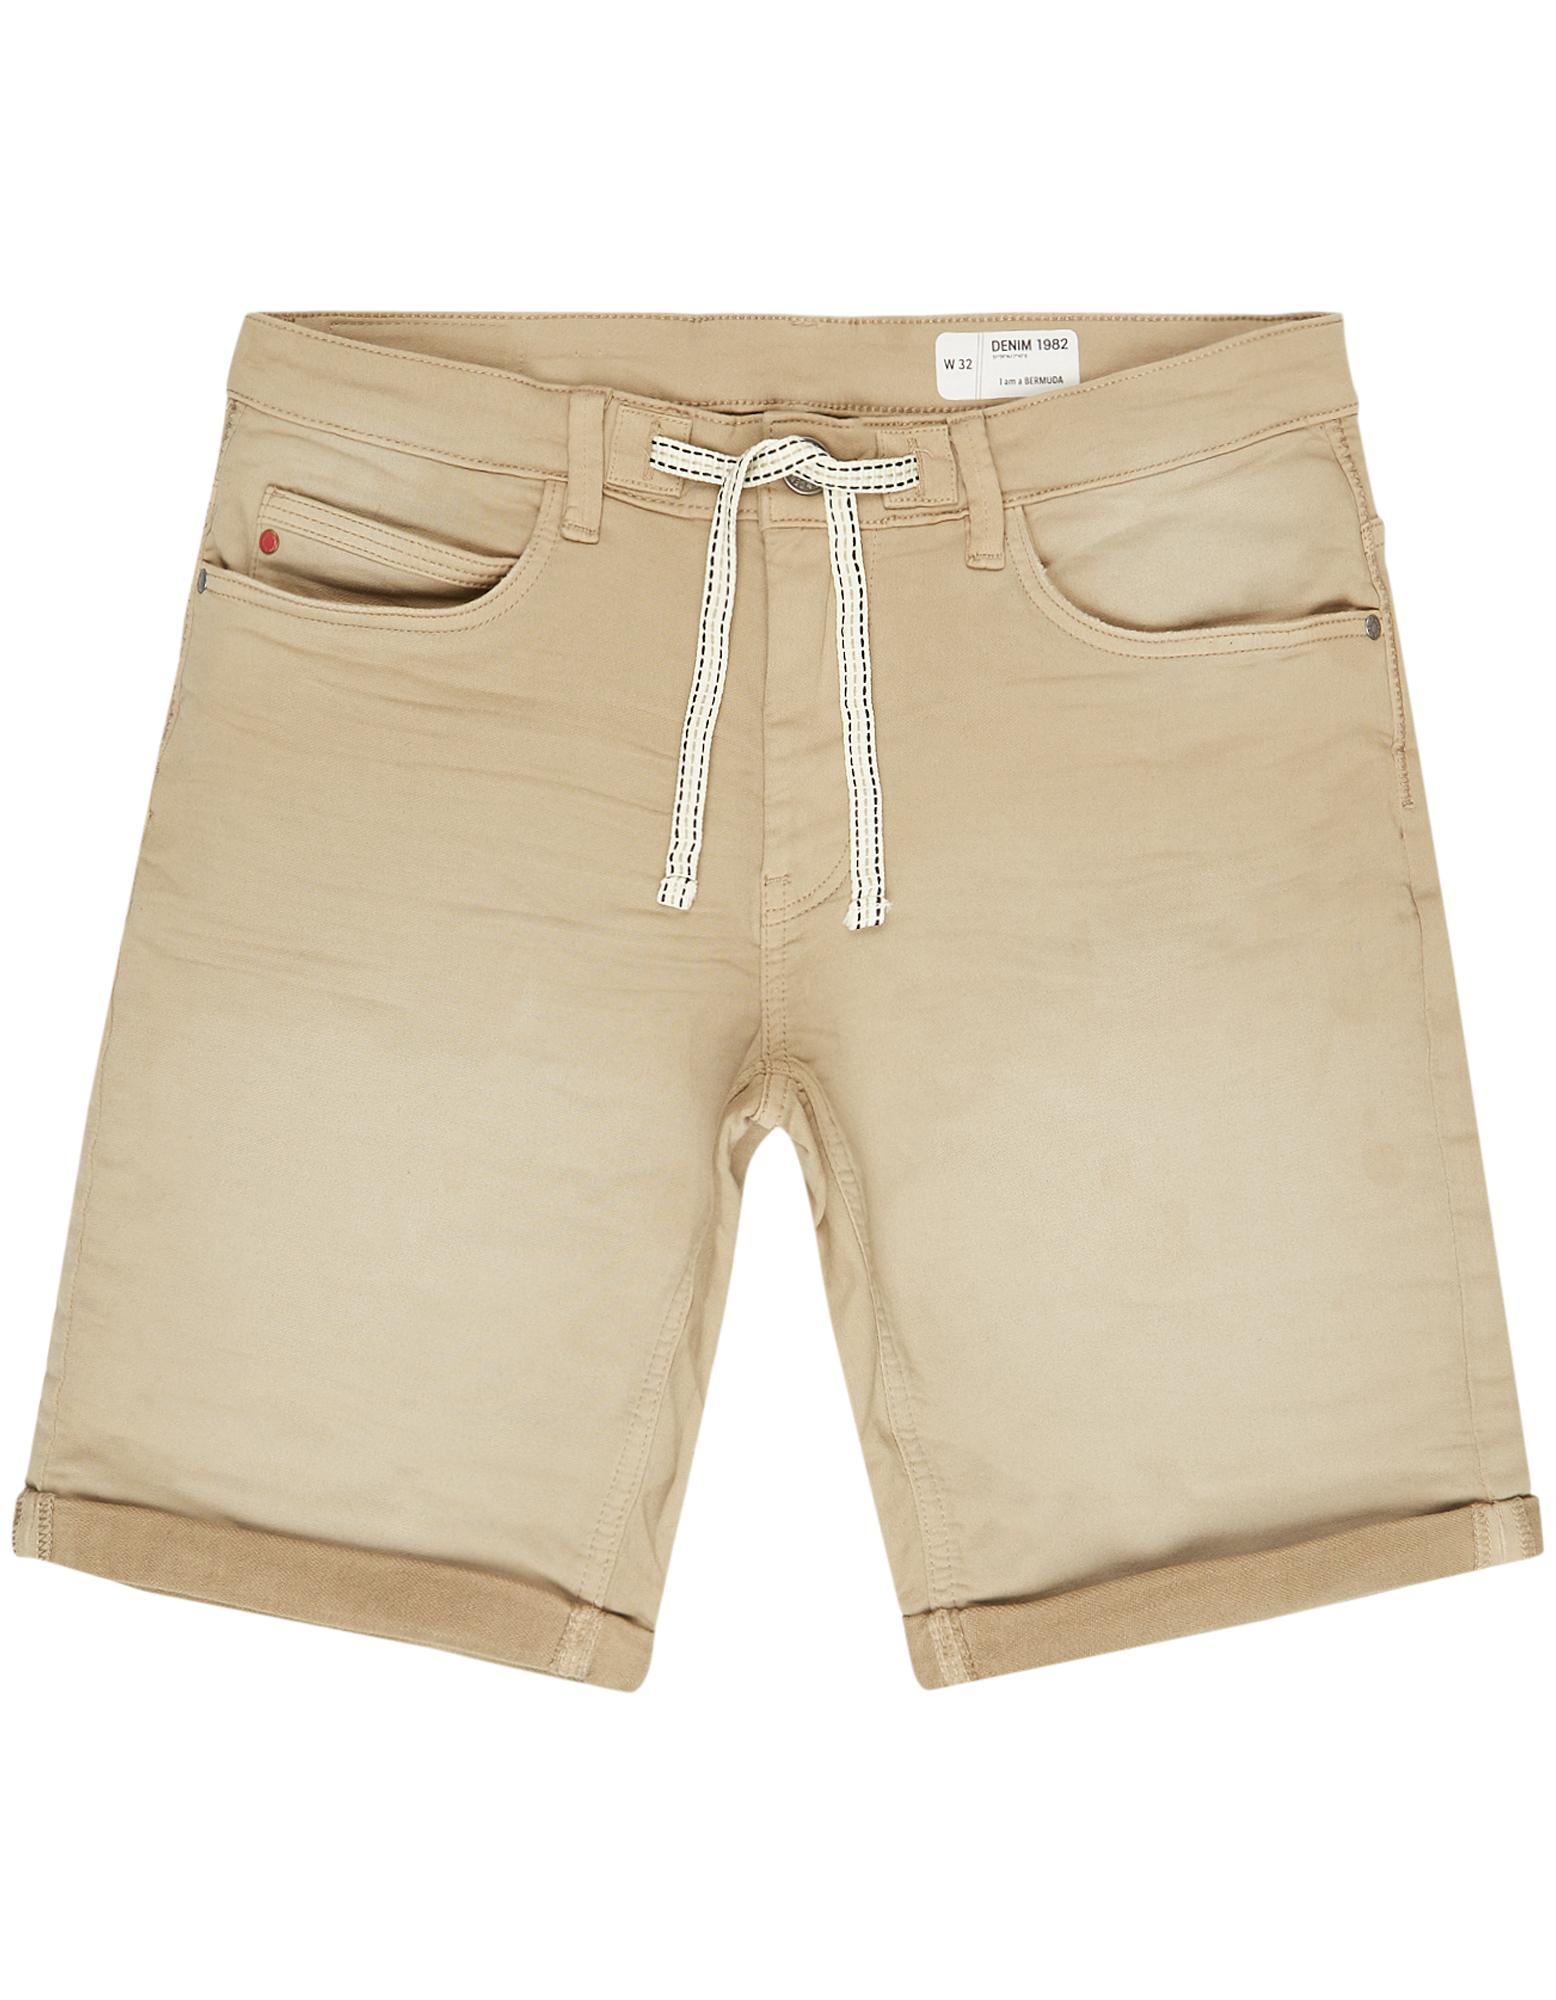 Herren Jeansbermuda mit Tunnelzug | Bekleidung > Shorts & Bermudas > Jeans Bermudas | Hellgrau | Takko